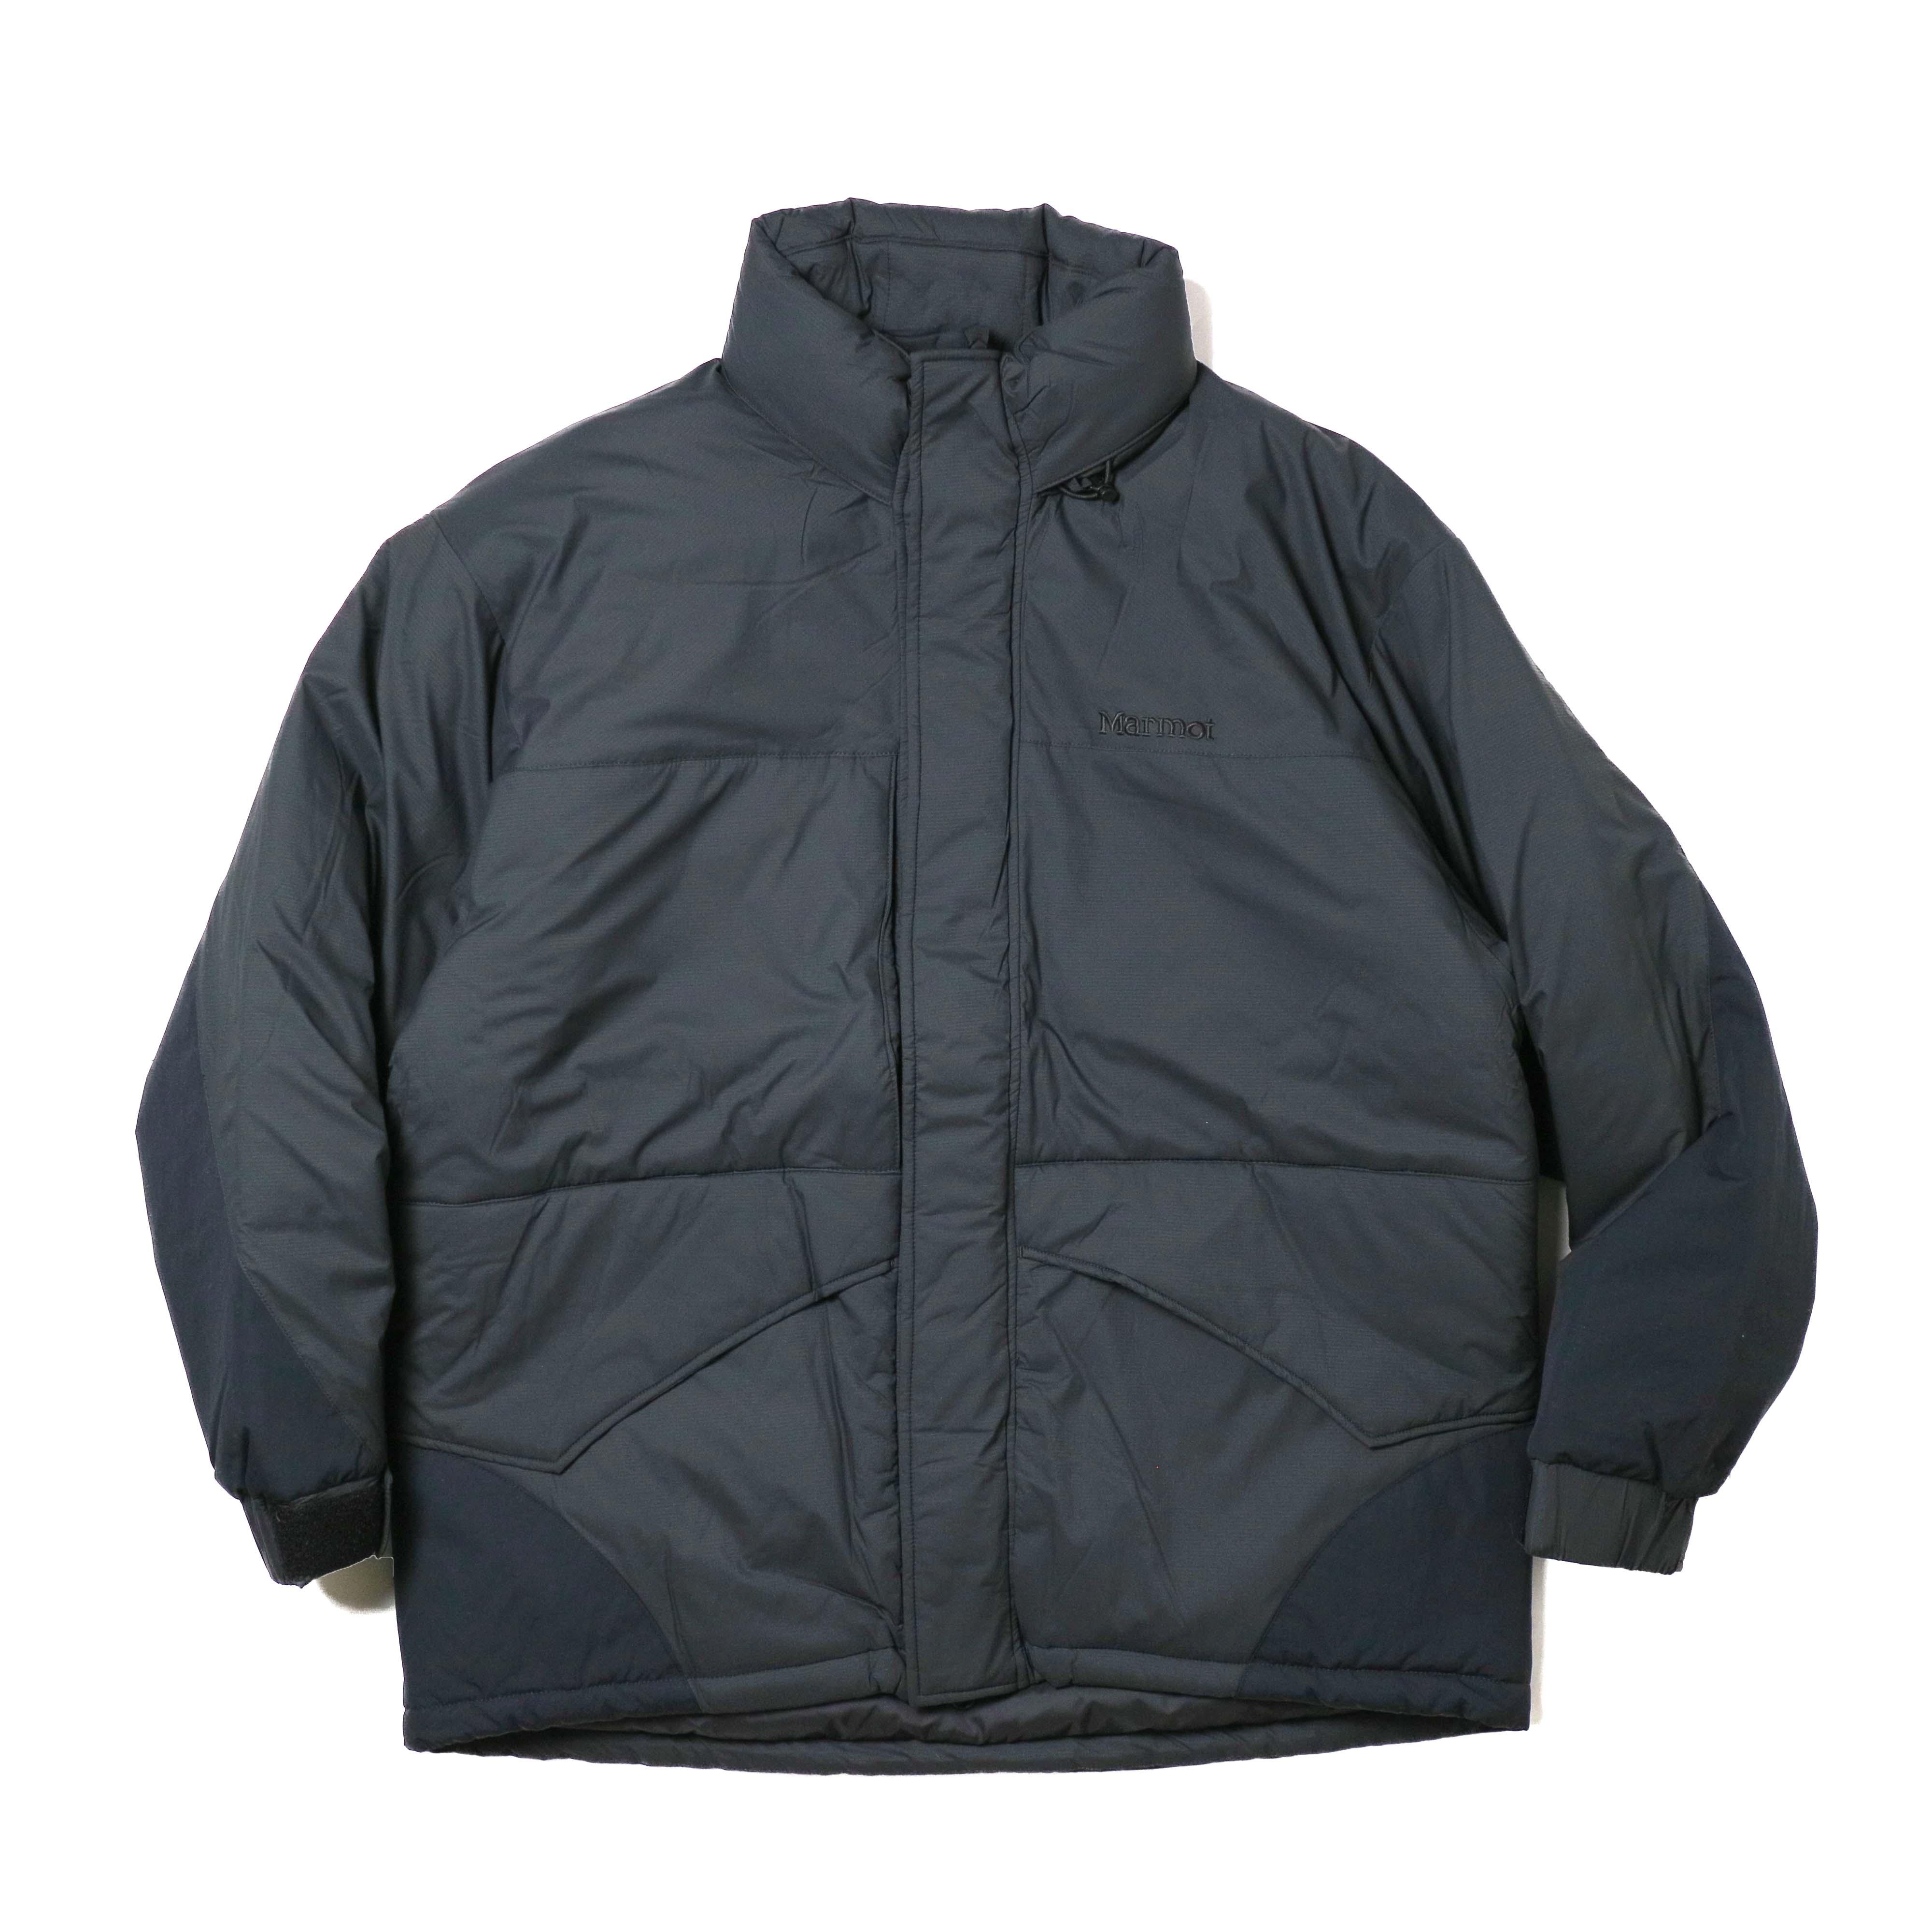 Marmot / Randonnee Loft Jacket (Black)